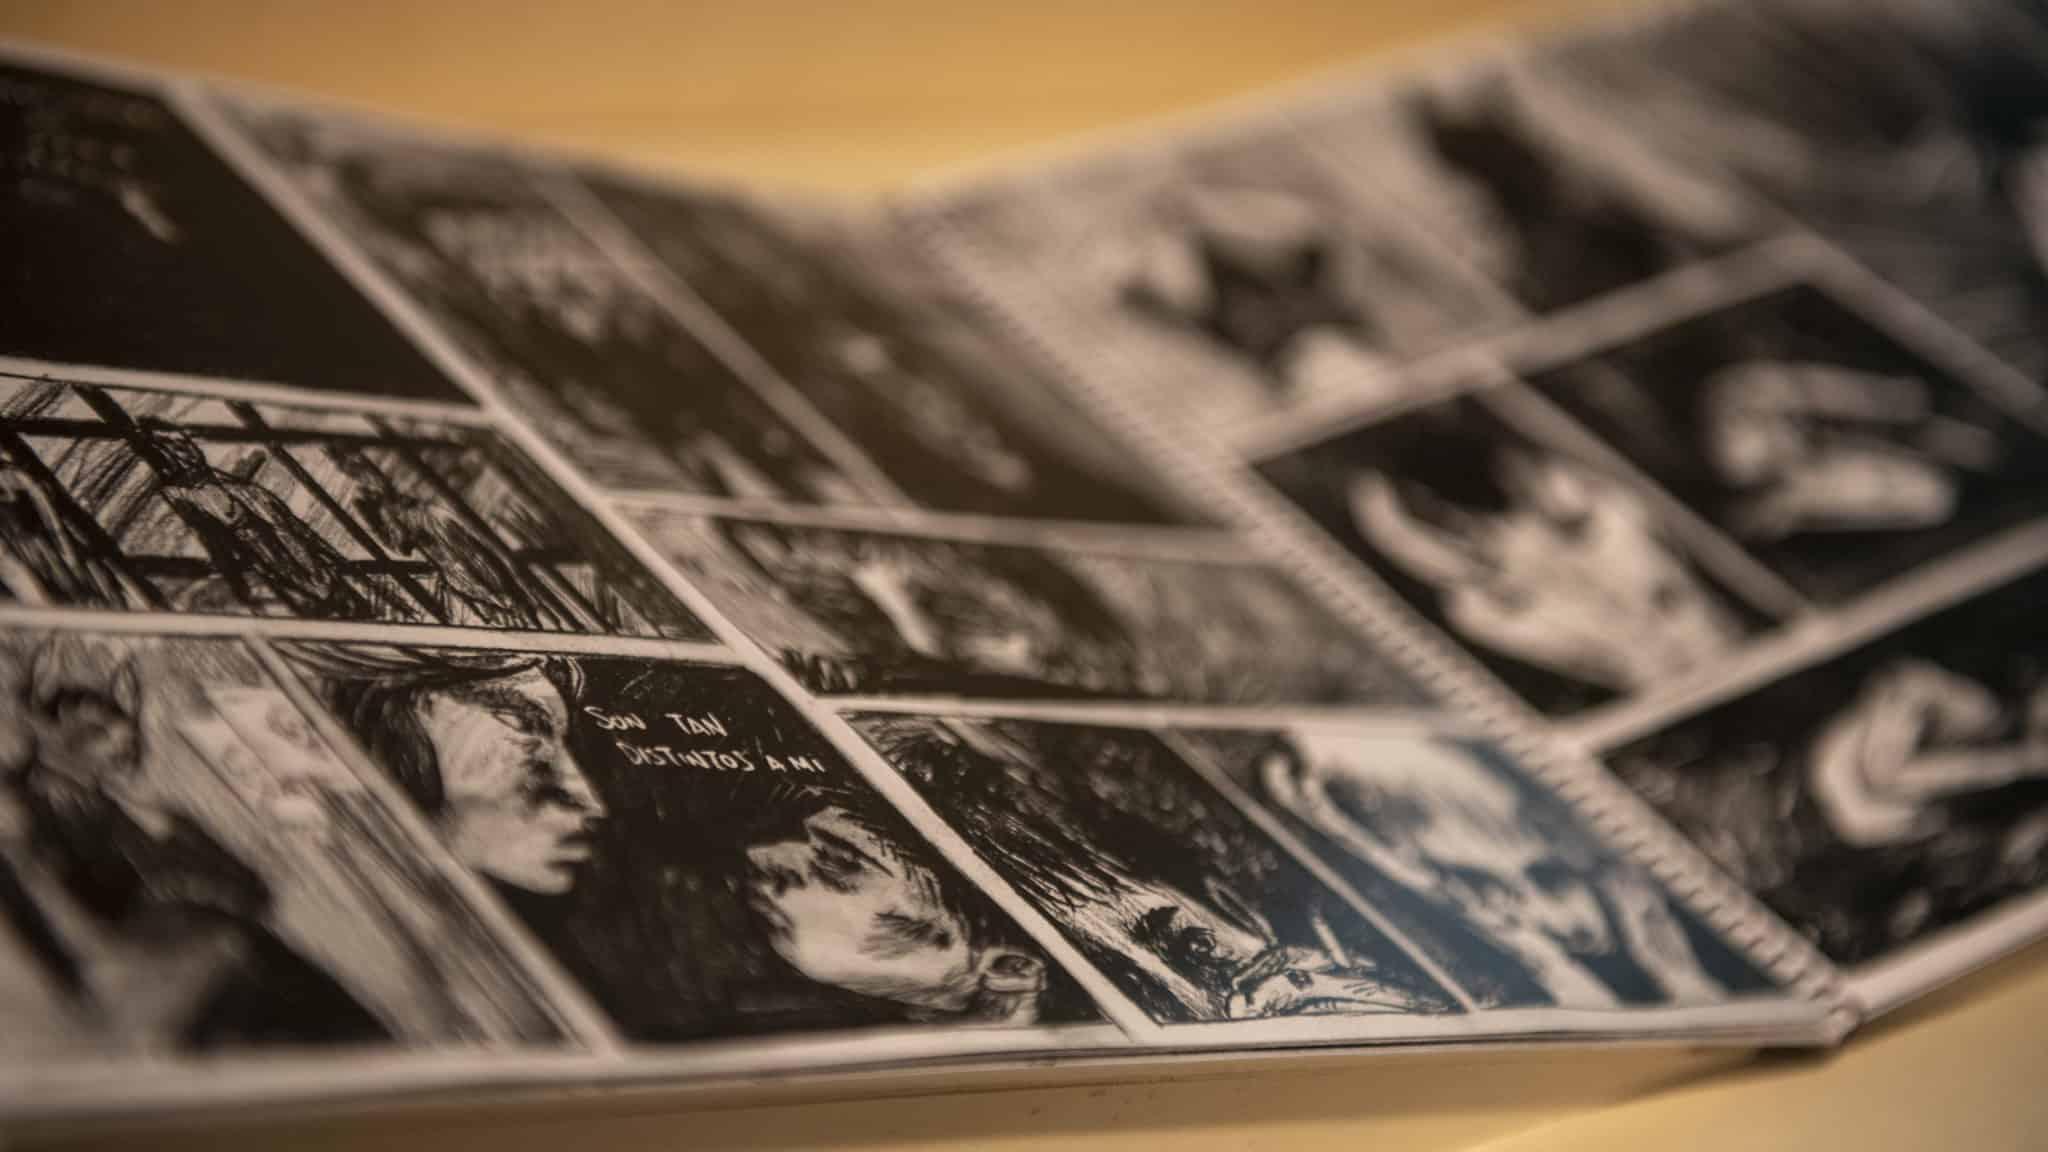 La XXXV Muestra Itinerante de Arte Joven llega este viernes a La Casa Encantada de Briones 1